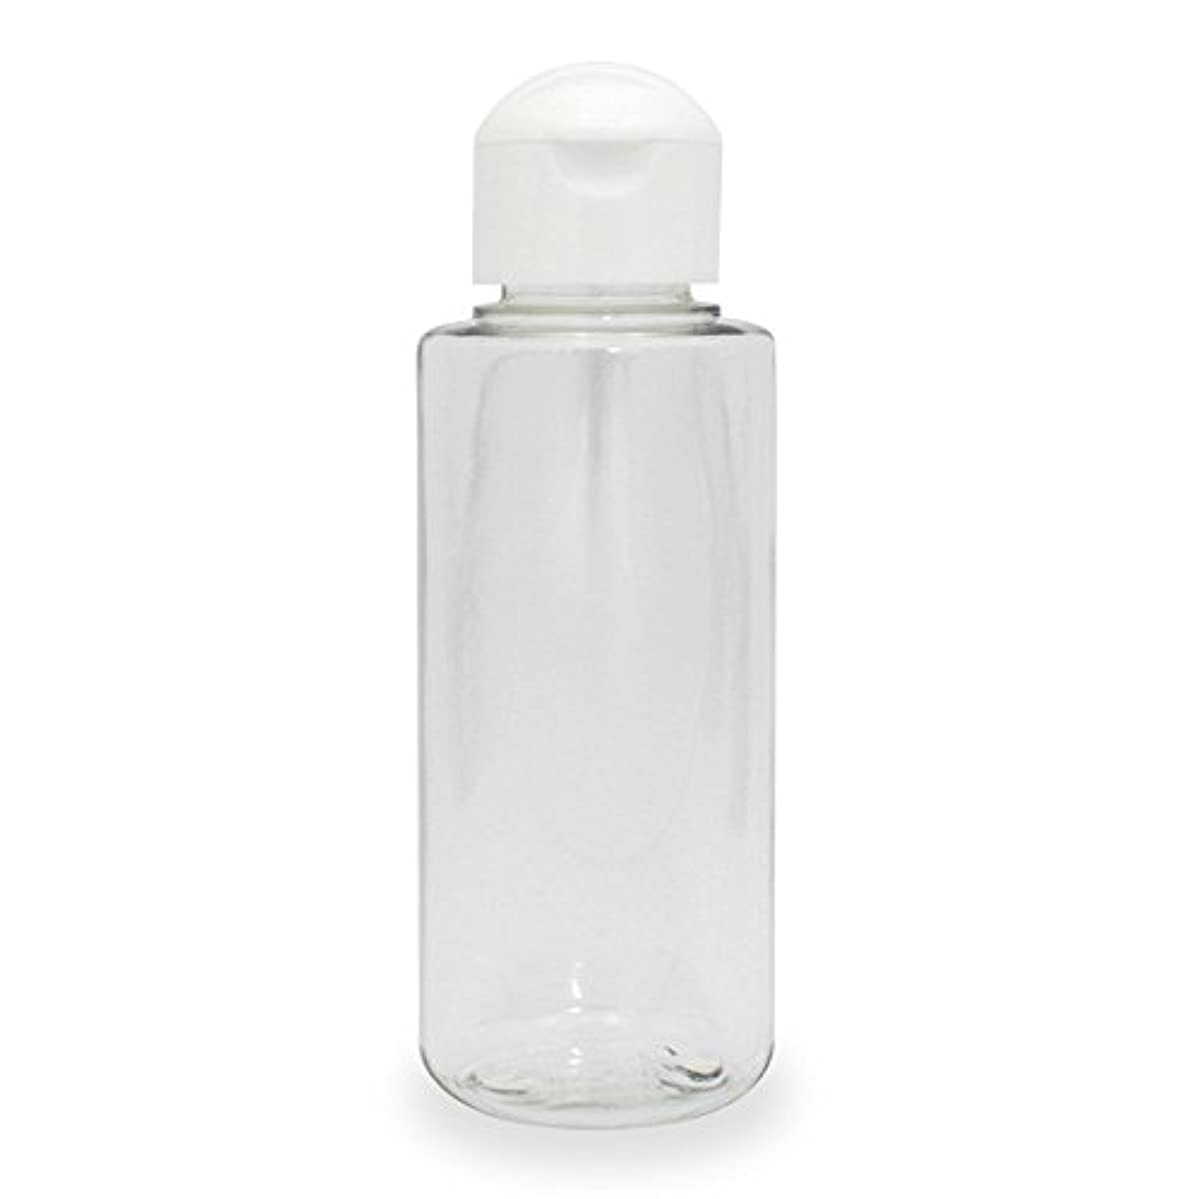 するいとこディベートクリアボトル100ml (ヒンジキャップ) PET プラスチック製